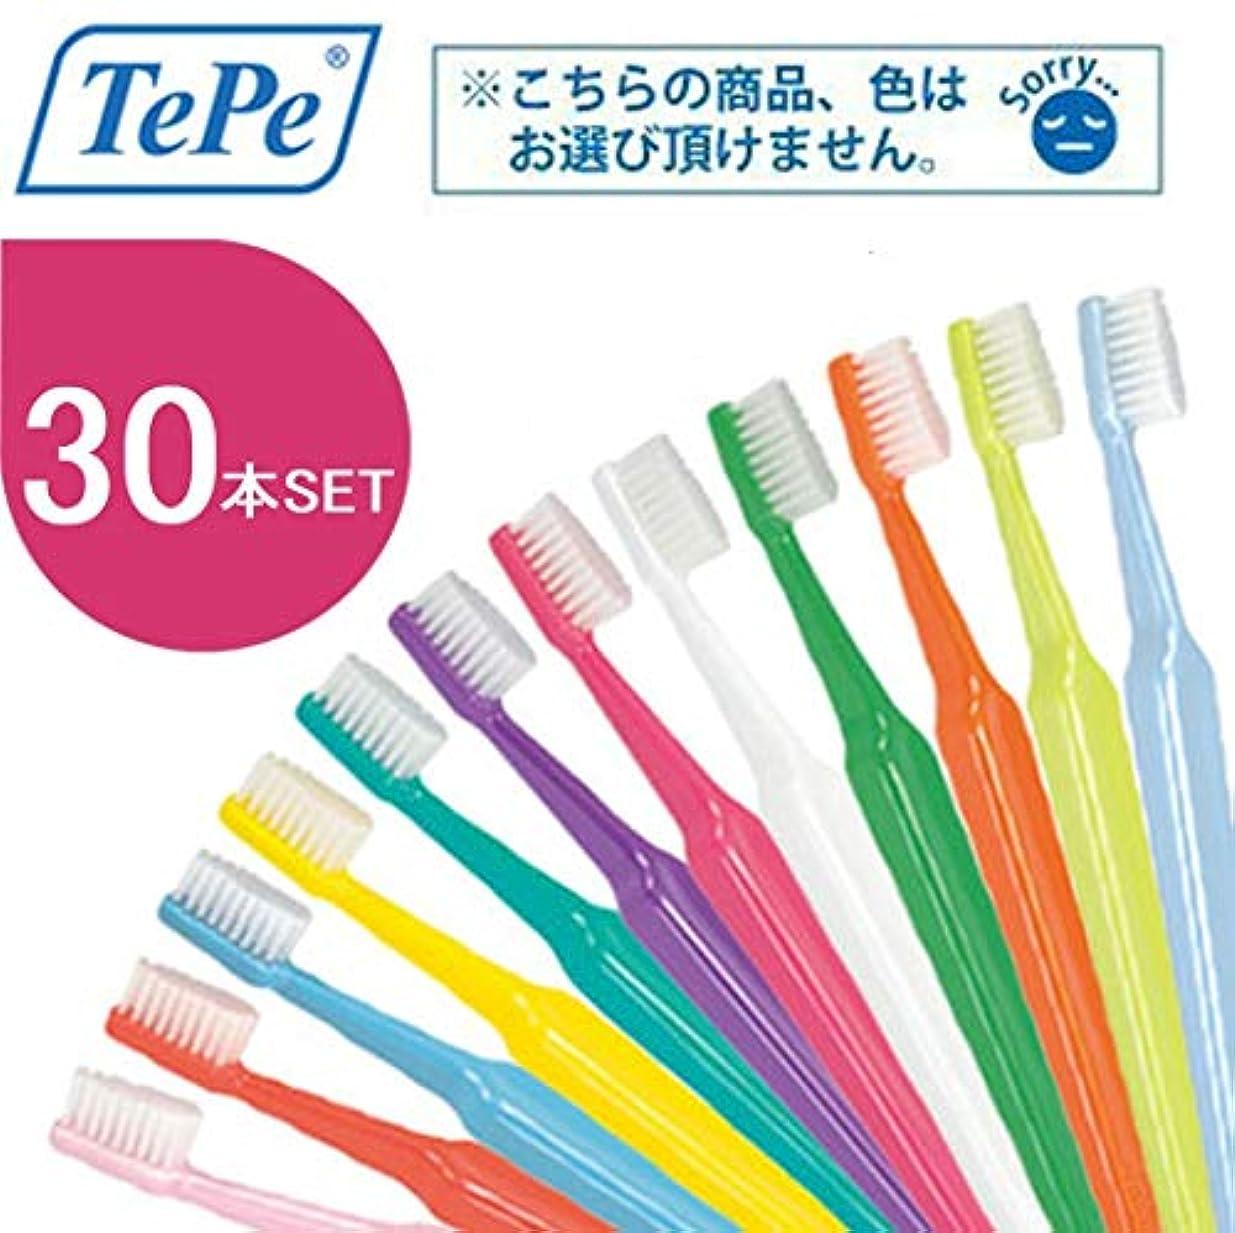 トチの実の木を除く常習的クロスフィールド TePe テペ セレクト 歯ブラシ 30本 (ミディアム)